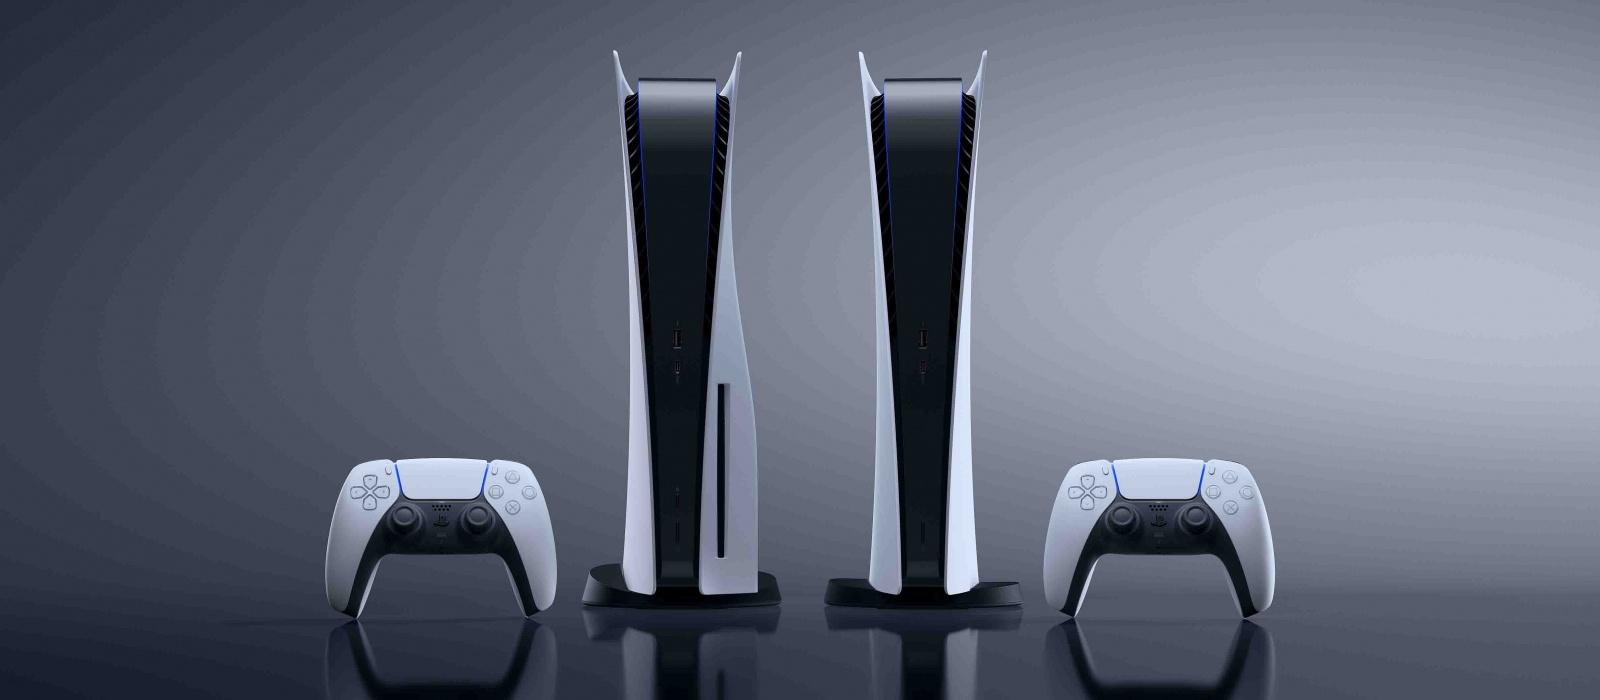 Experten verglichen die Geschwindigkeit beim Laden von Spielen auf PS5 von einer internen und externen SSD sowie von einer Festplatte.  Die Ergebnisse sind unerwartet